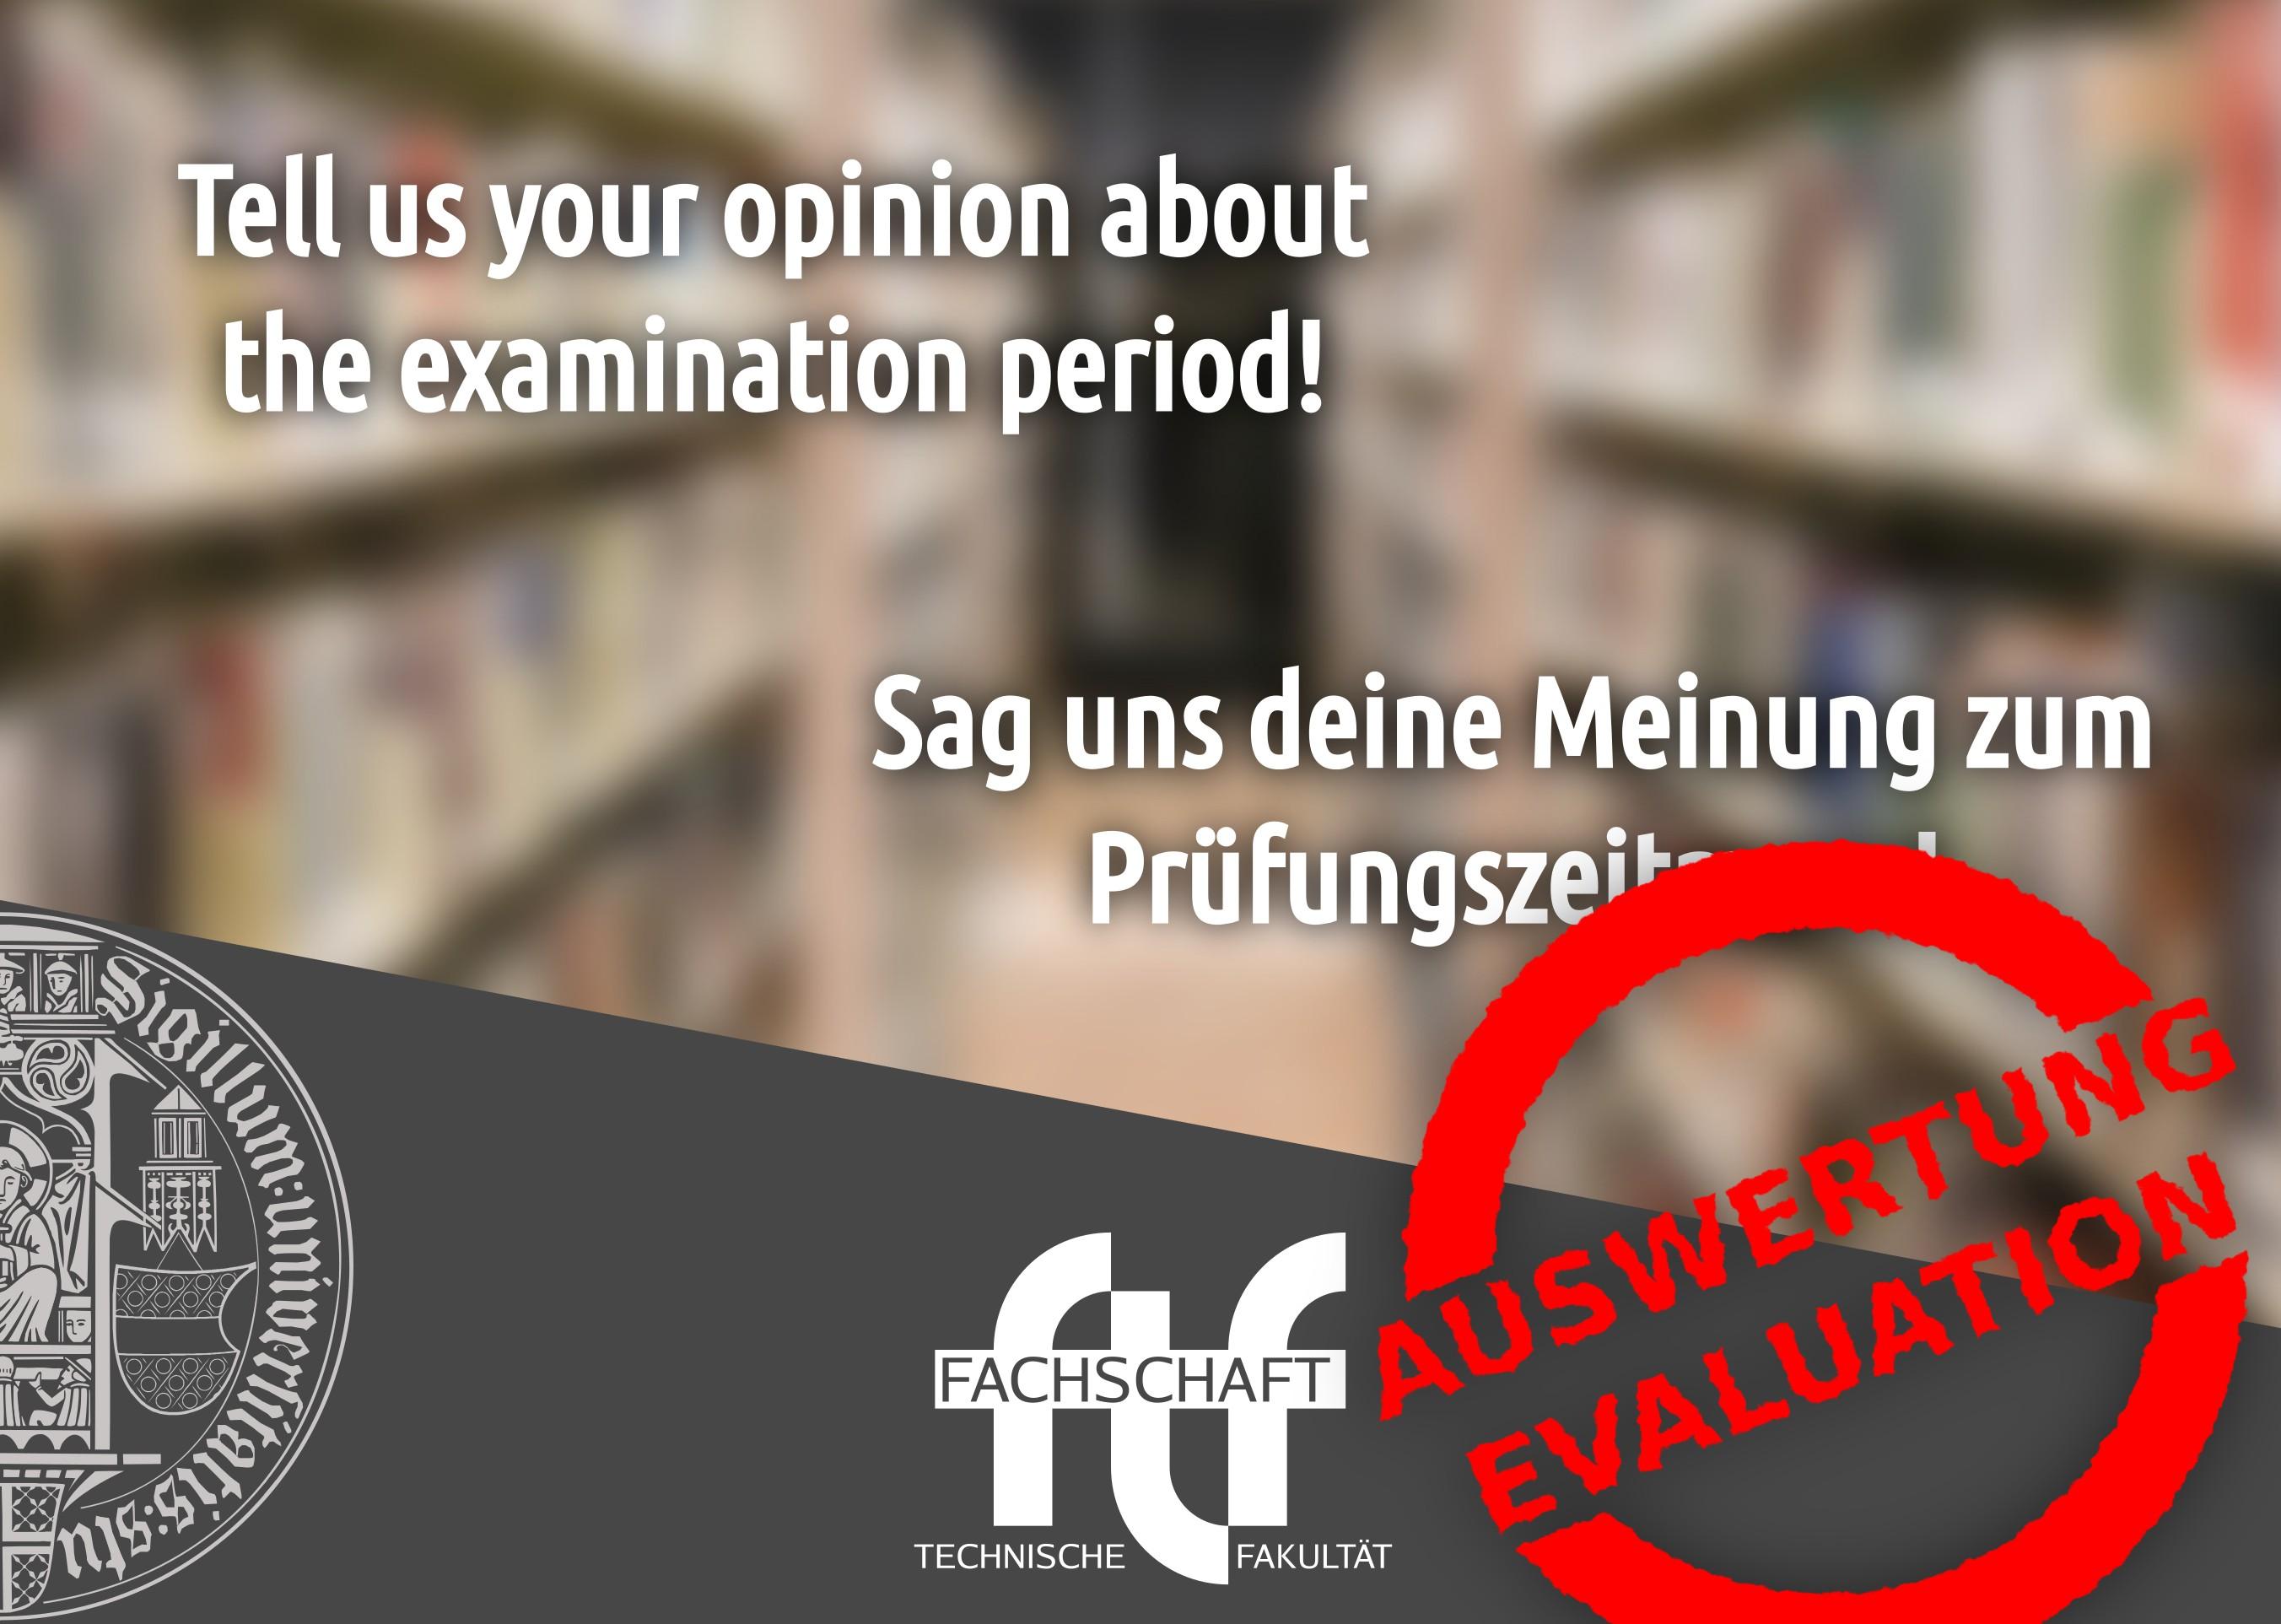 Sag uns deine Meinung zum Prüfungszeitraum - Auswertung